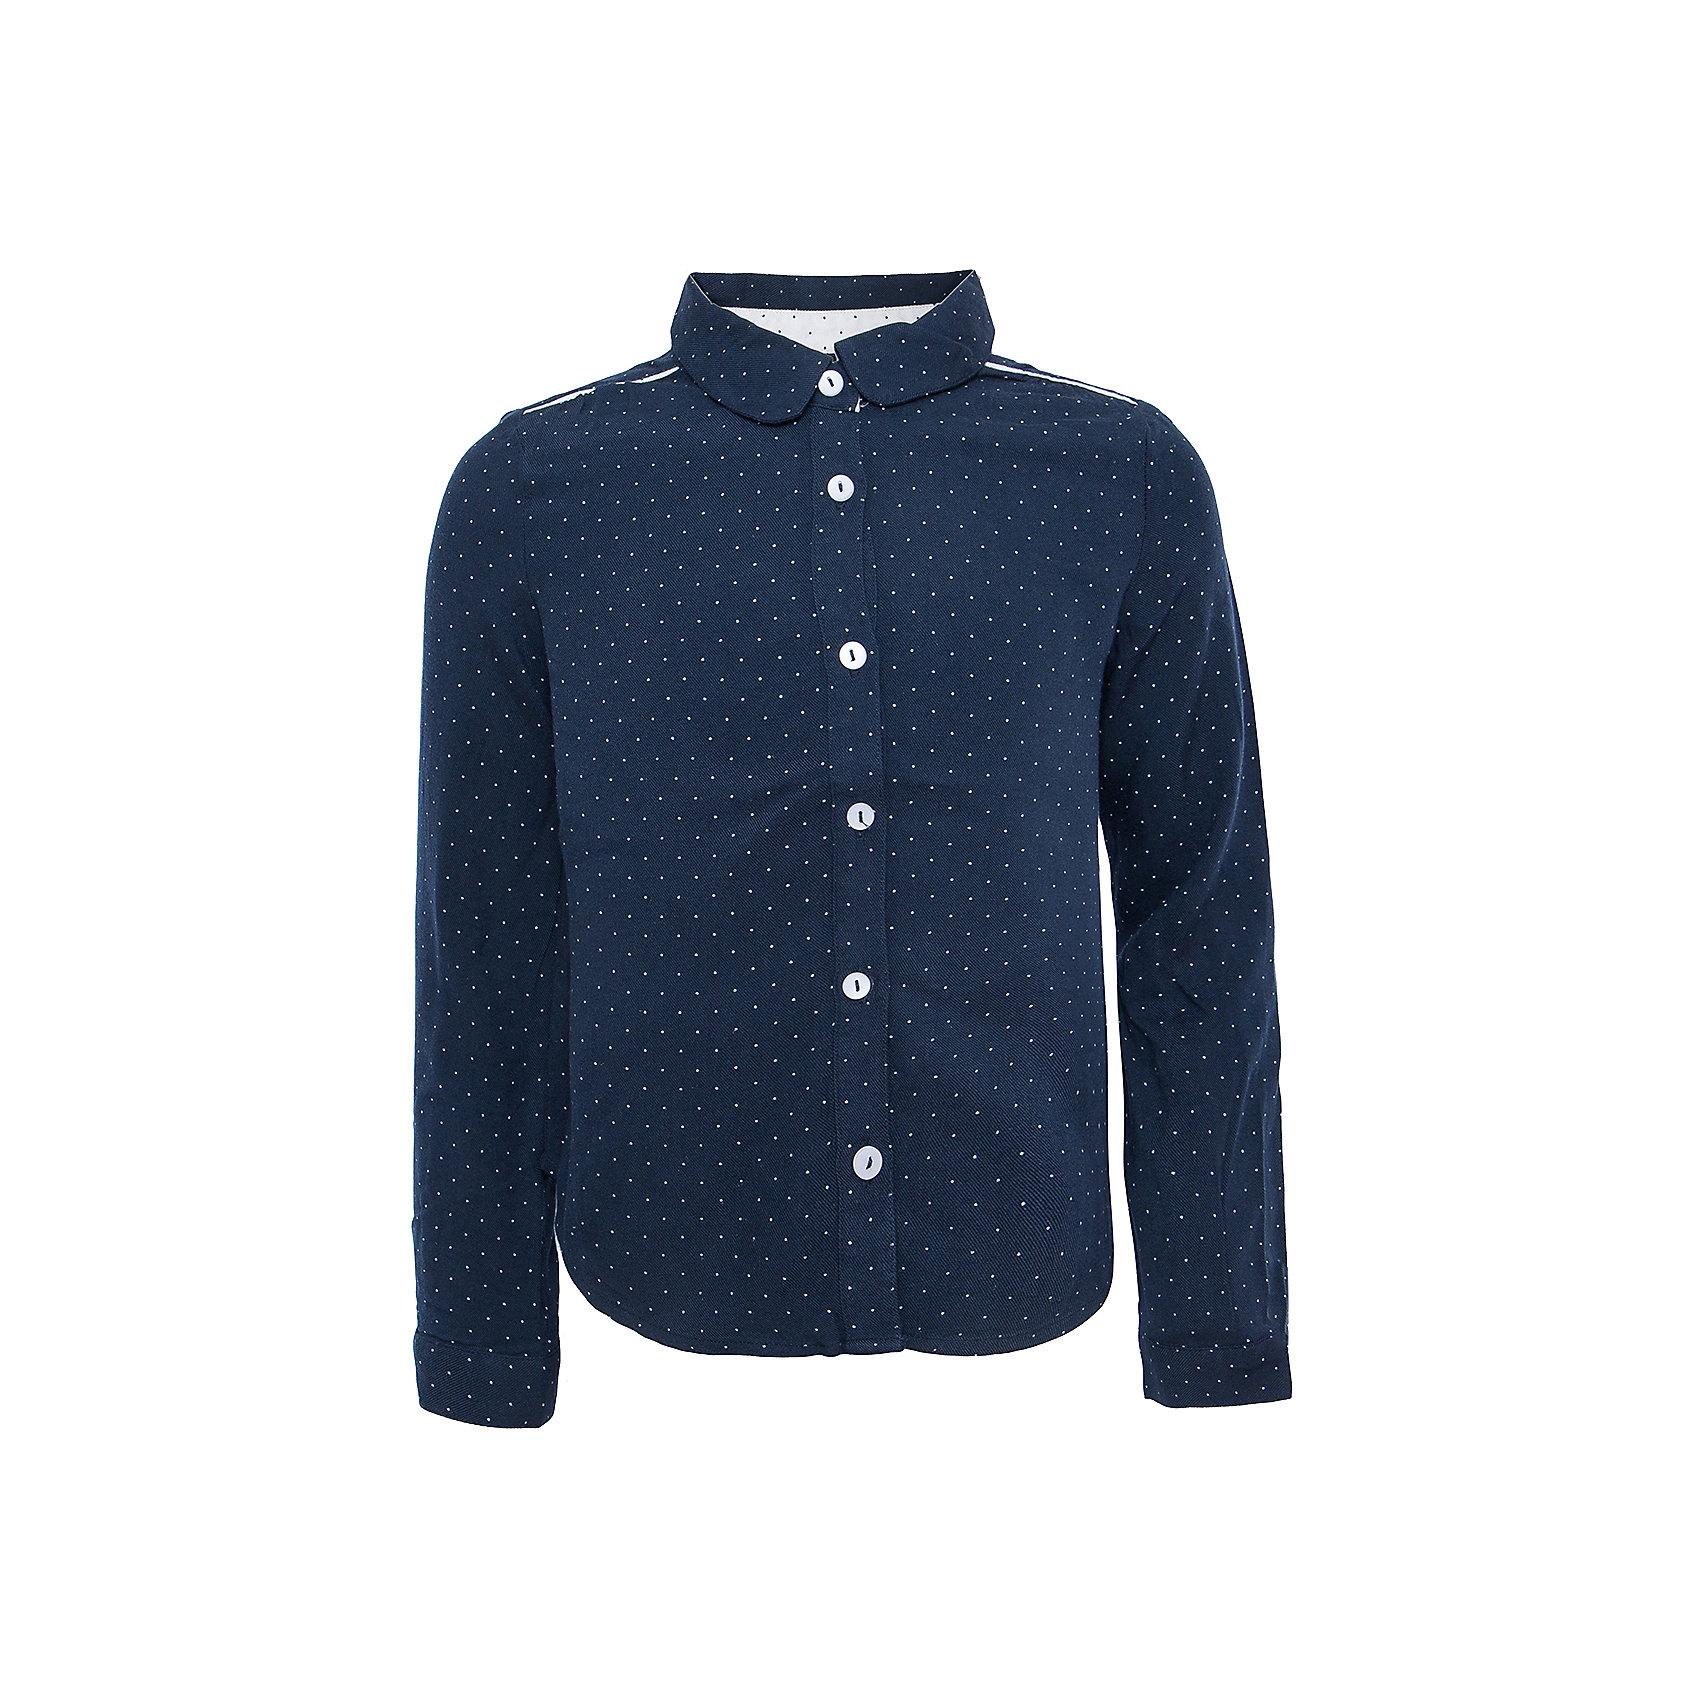 Блузка для девочки SELAБлузки и рубашки<br>Такая стильная блузка в мелкий горошек будет по вкусу каждой моднице. <br>Блузка свободного кроя, поэтому она отлично подойдет к юбке и брюкам.<br><br>Дополнительная информация:<br><br>- Свободный крой.<br>- Длинный рукав, с манжетой.<br>- Цвет: темно-синий.<br>- Состав: вискоза - 100%<br>- Бренд: SELA<br>- Коллекция: осень-зима 2016-2017<br><br>Купить блузку для девочки от SELA можно в нашем магазине.<br><br>Ширина мм: 186<br>Глубина мм: 87<br>Высота мм: 198<br>Вес г: 197<br>Цвет: синий<br>Возраст от месяцев: 60<br>Возраст до месяцев: 72<br>Пол: Женский<br>Возраст: Детский<br>Размер: 116,152,122,128,134,140,146<br>SKU: 4883412